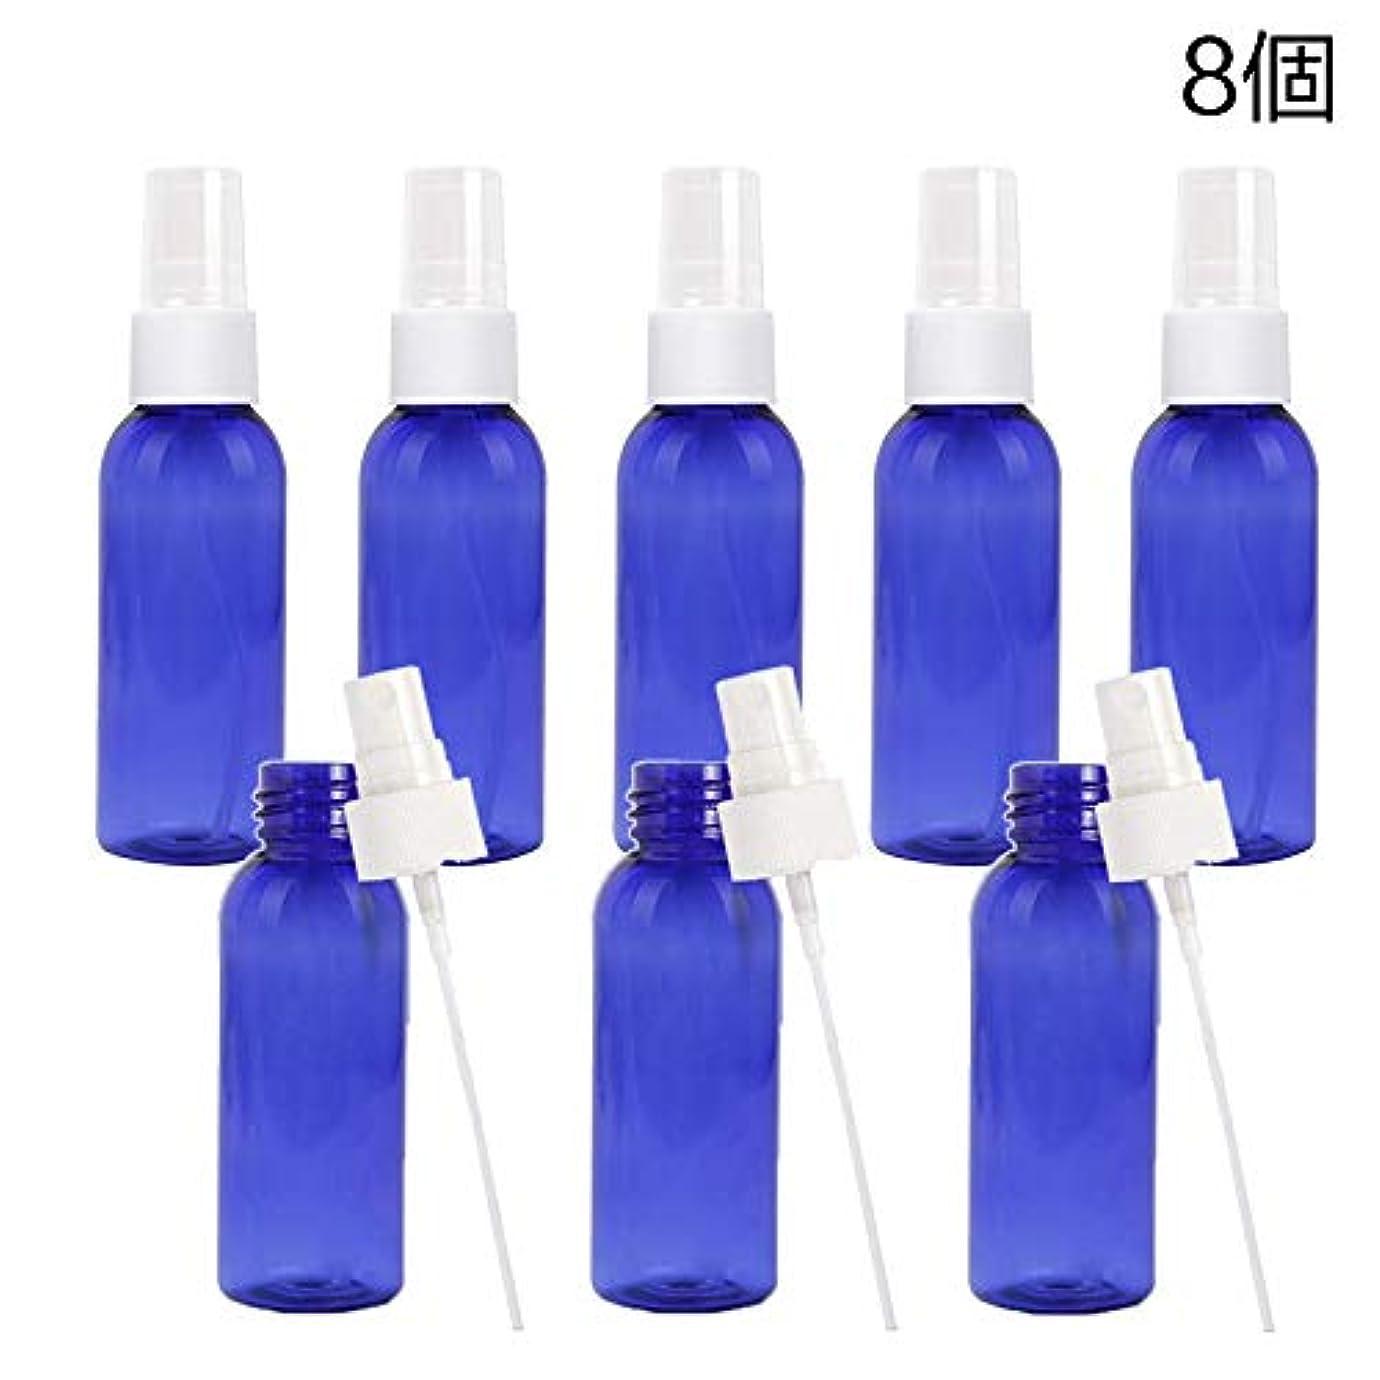 戻す服を着る徴収スプレーボトル 50ml 8本 遮光スプレー 霧吹き 詰め替え容器 キャップ付 青色